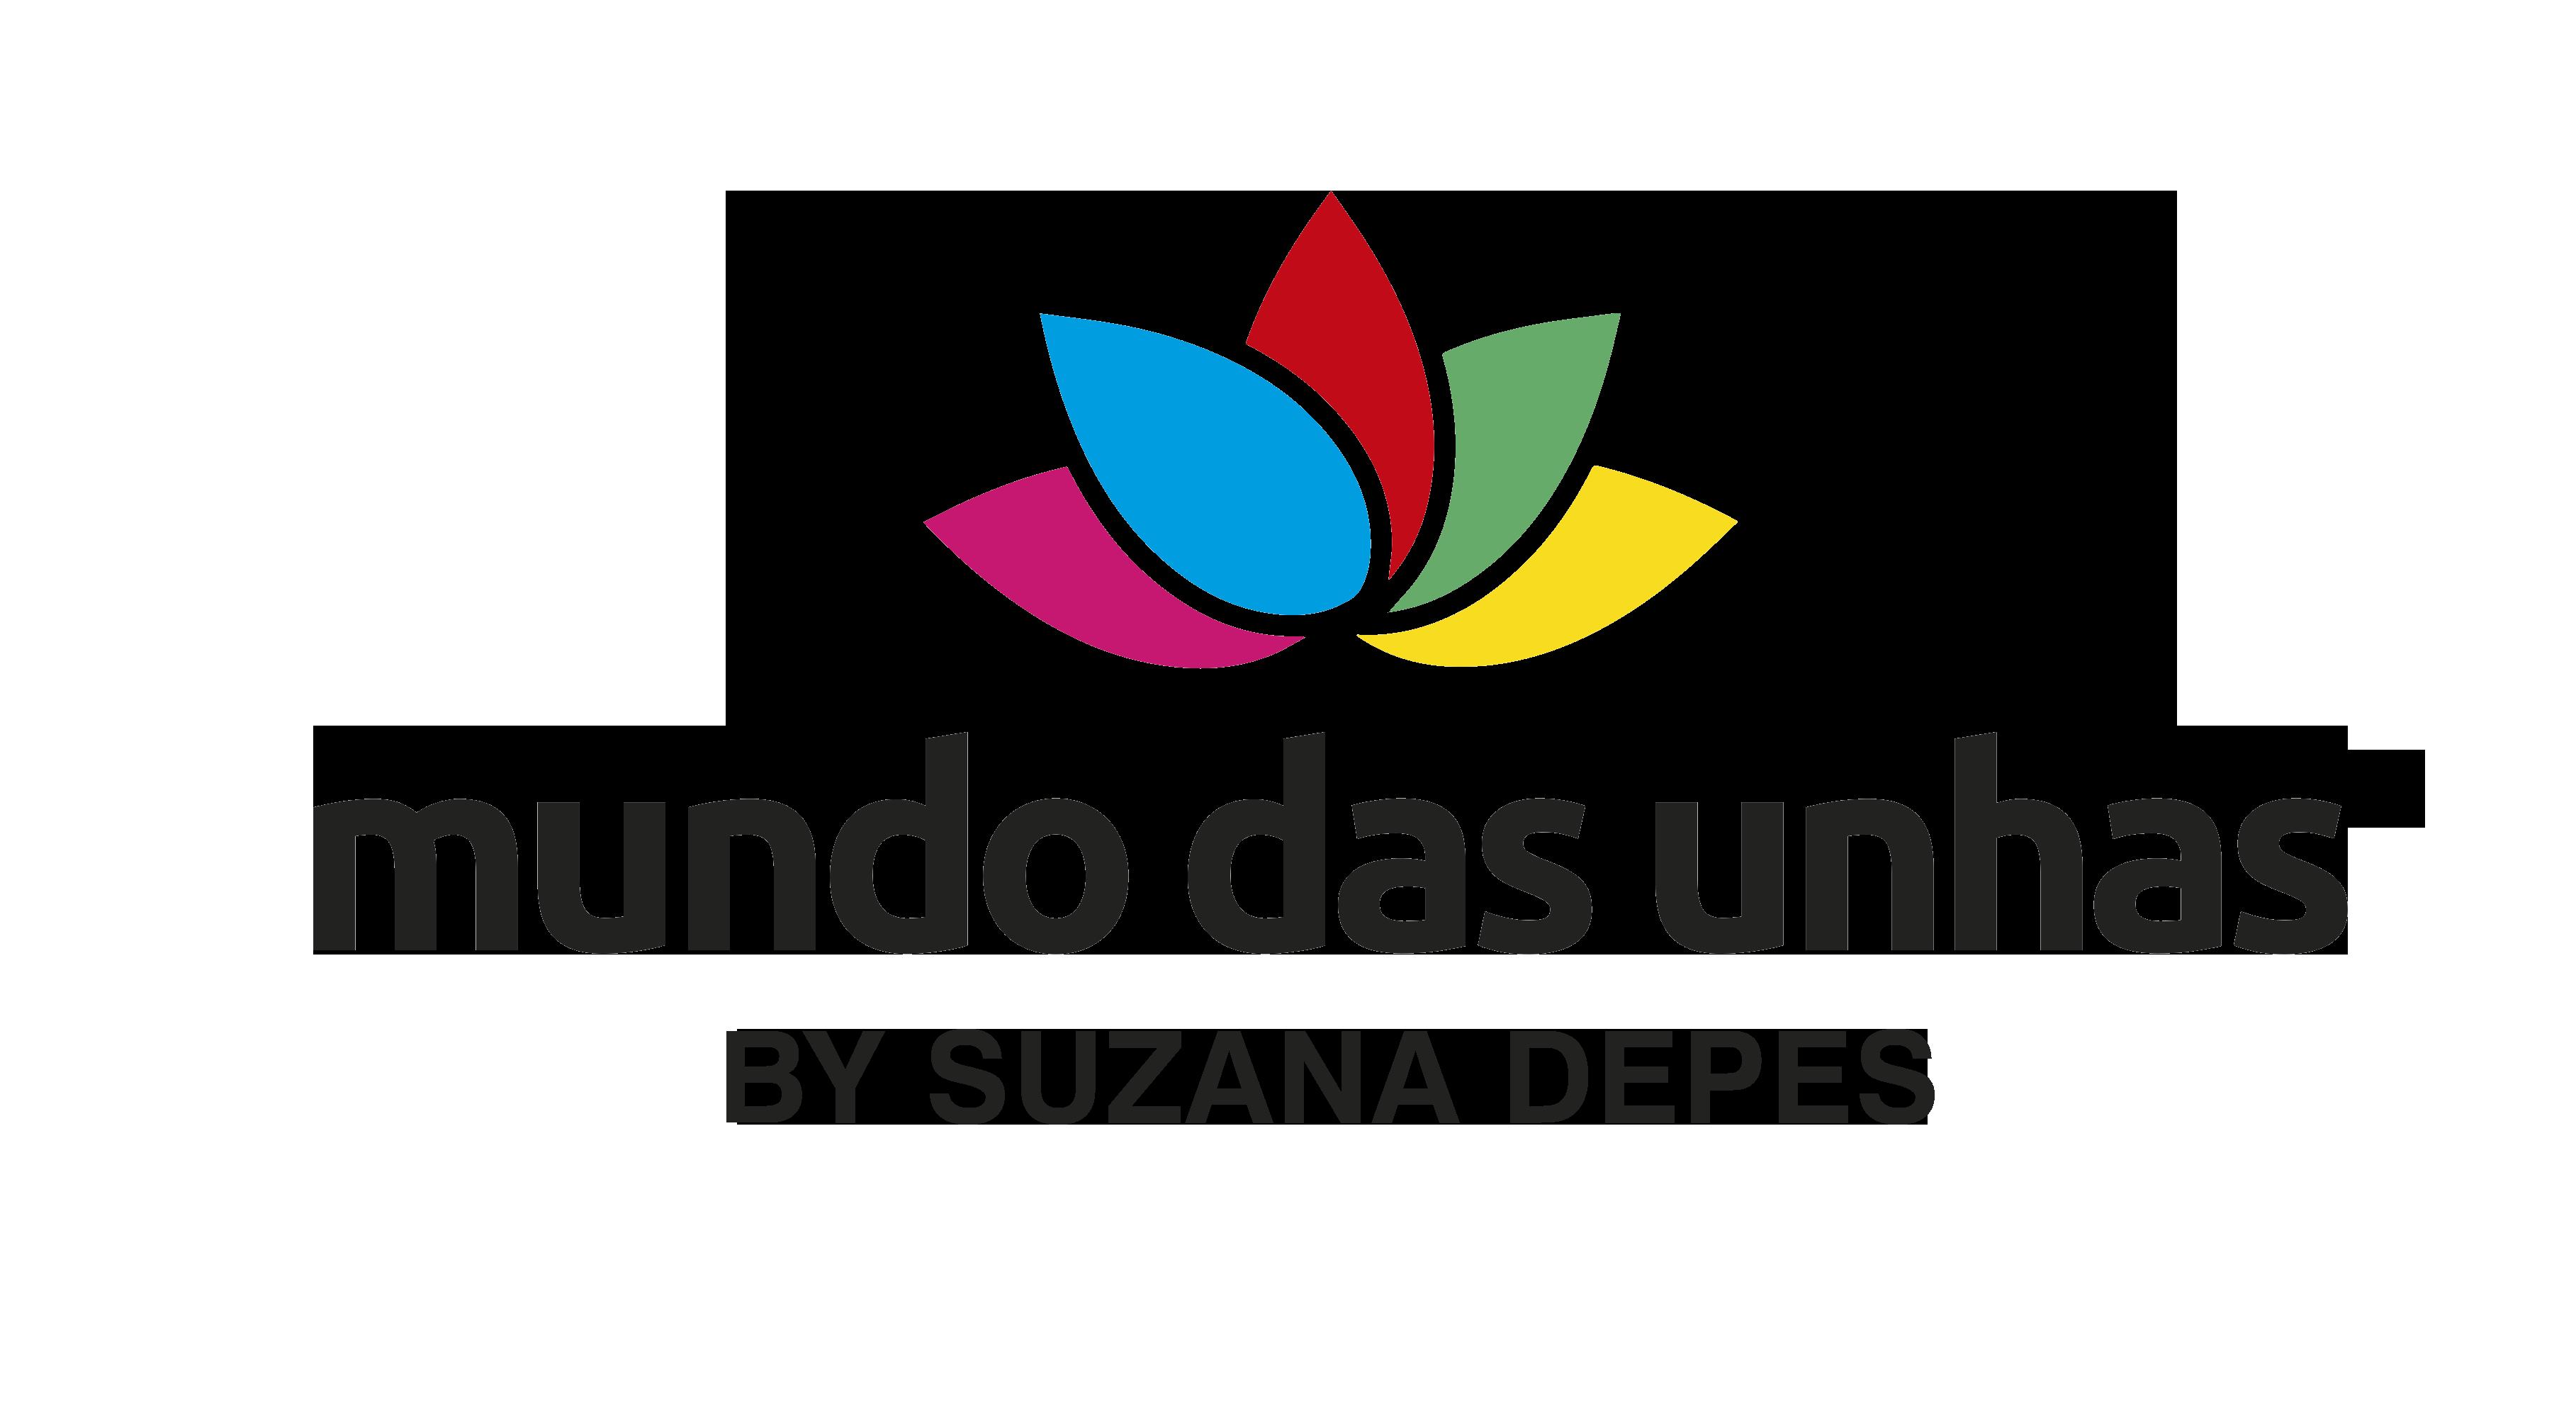 Mundo das Unhas by Suzana Depes :: Loja Especializada em Unhas em Gel, Cursos e Equipamentos para Unhas